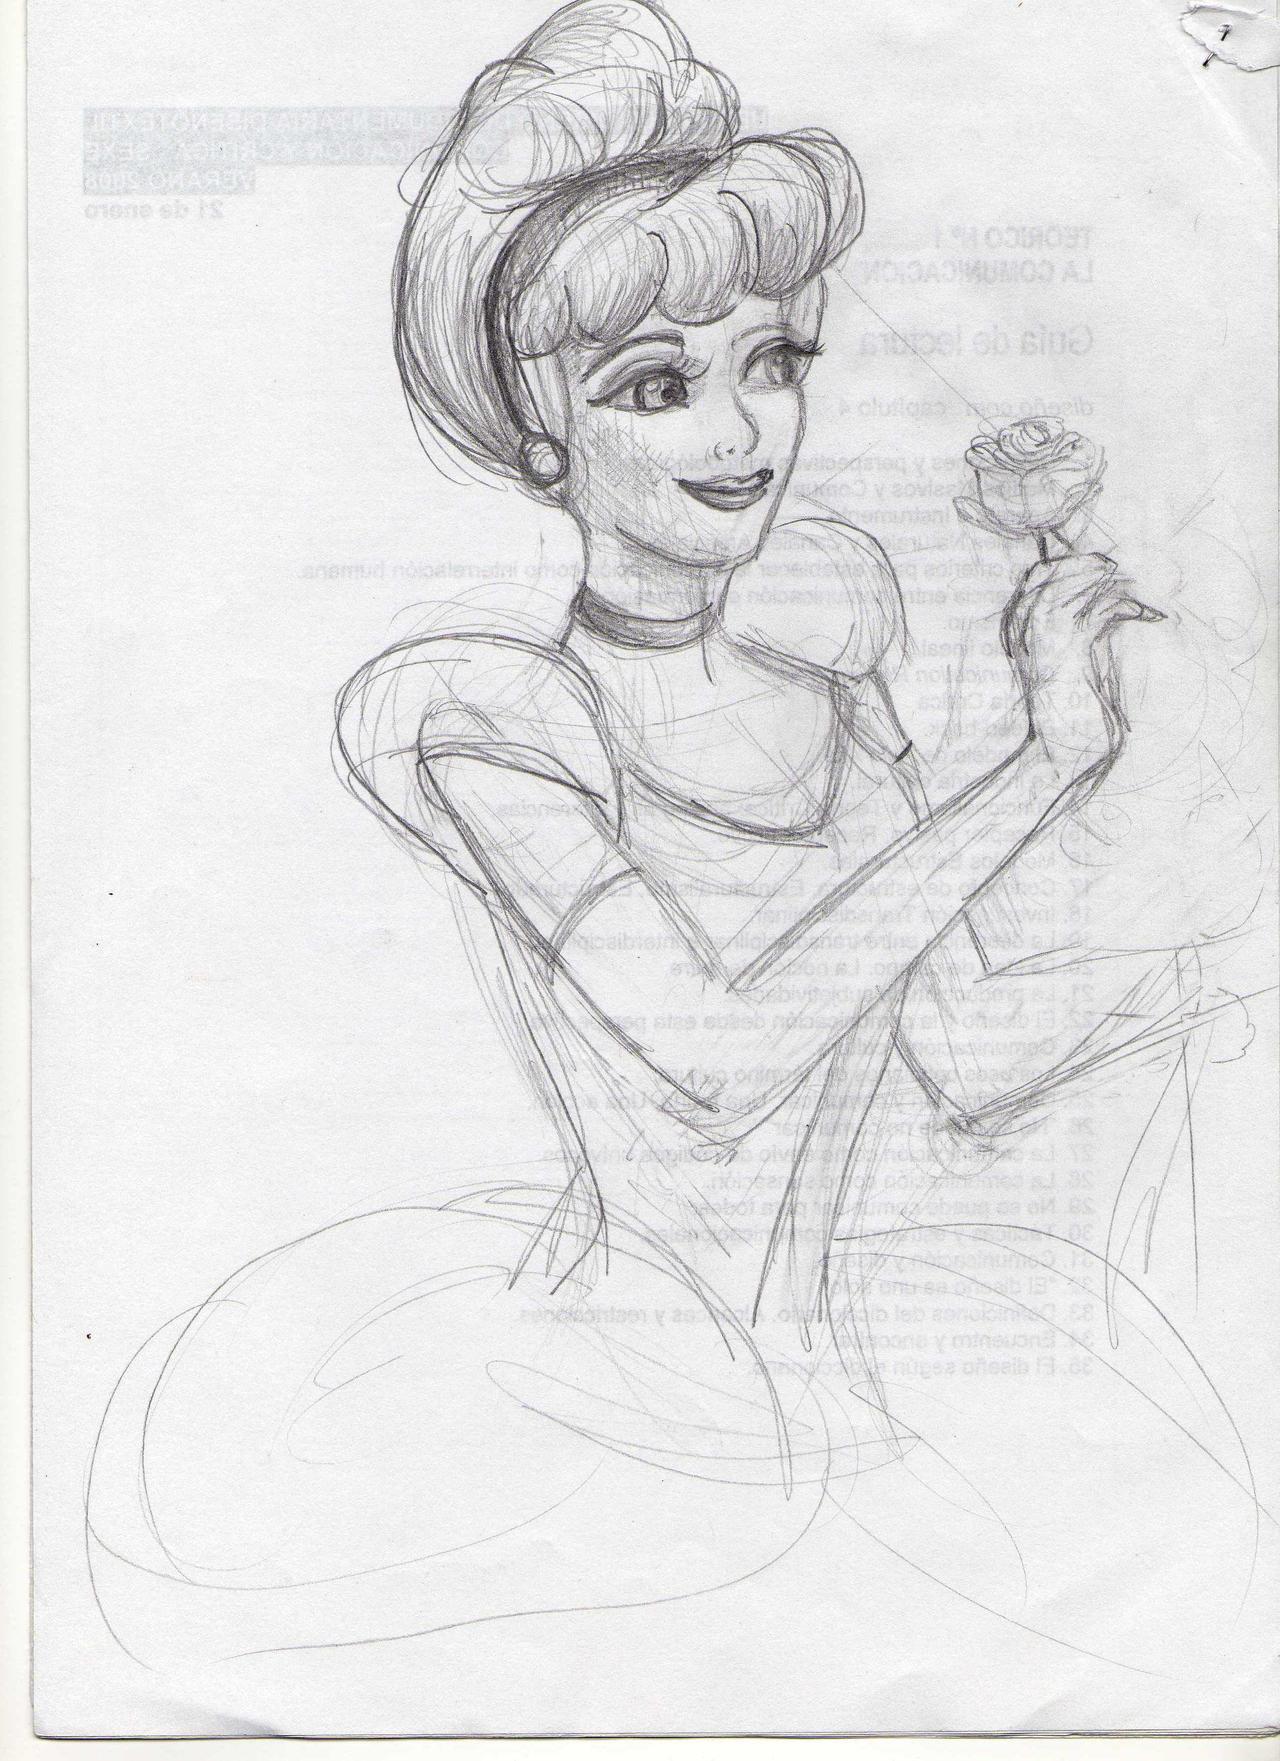 cinderella sketch by c...